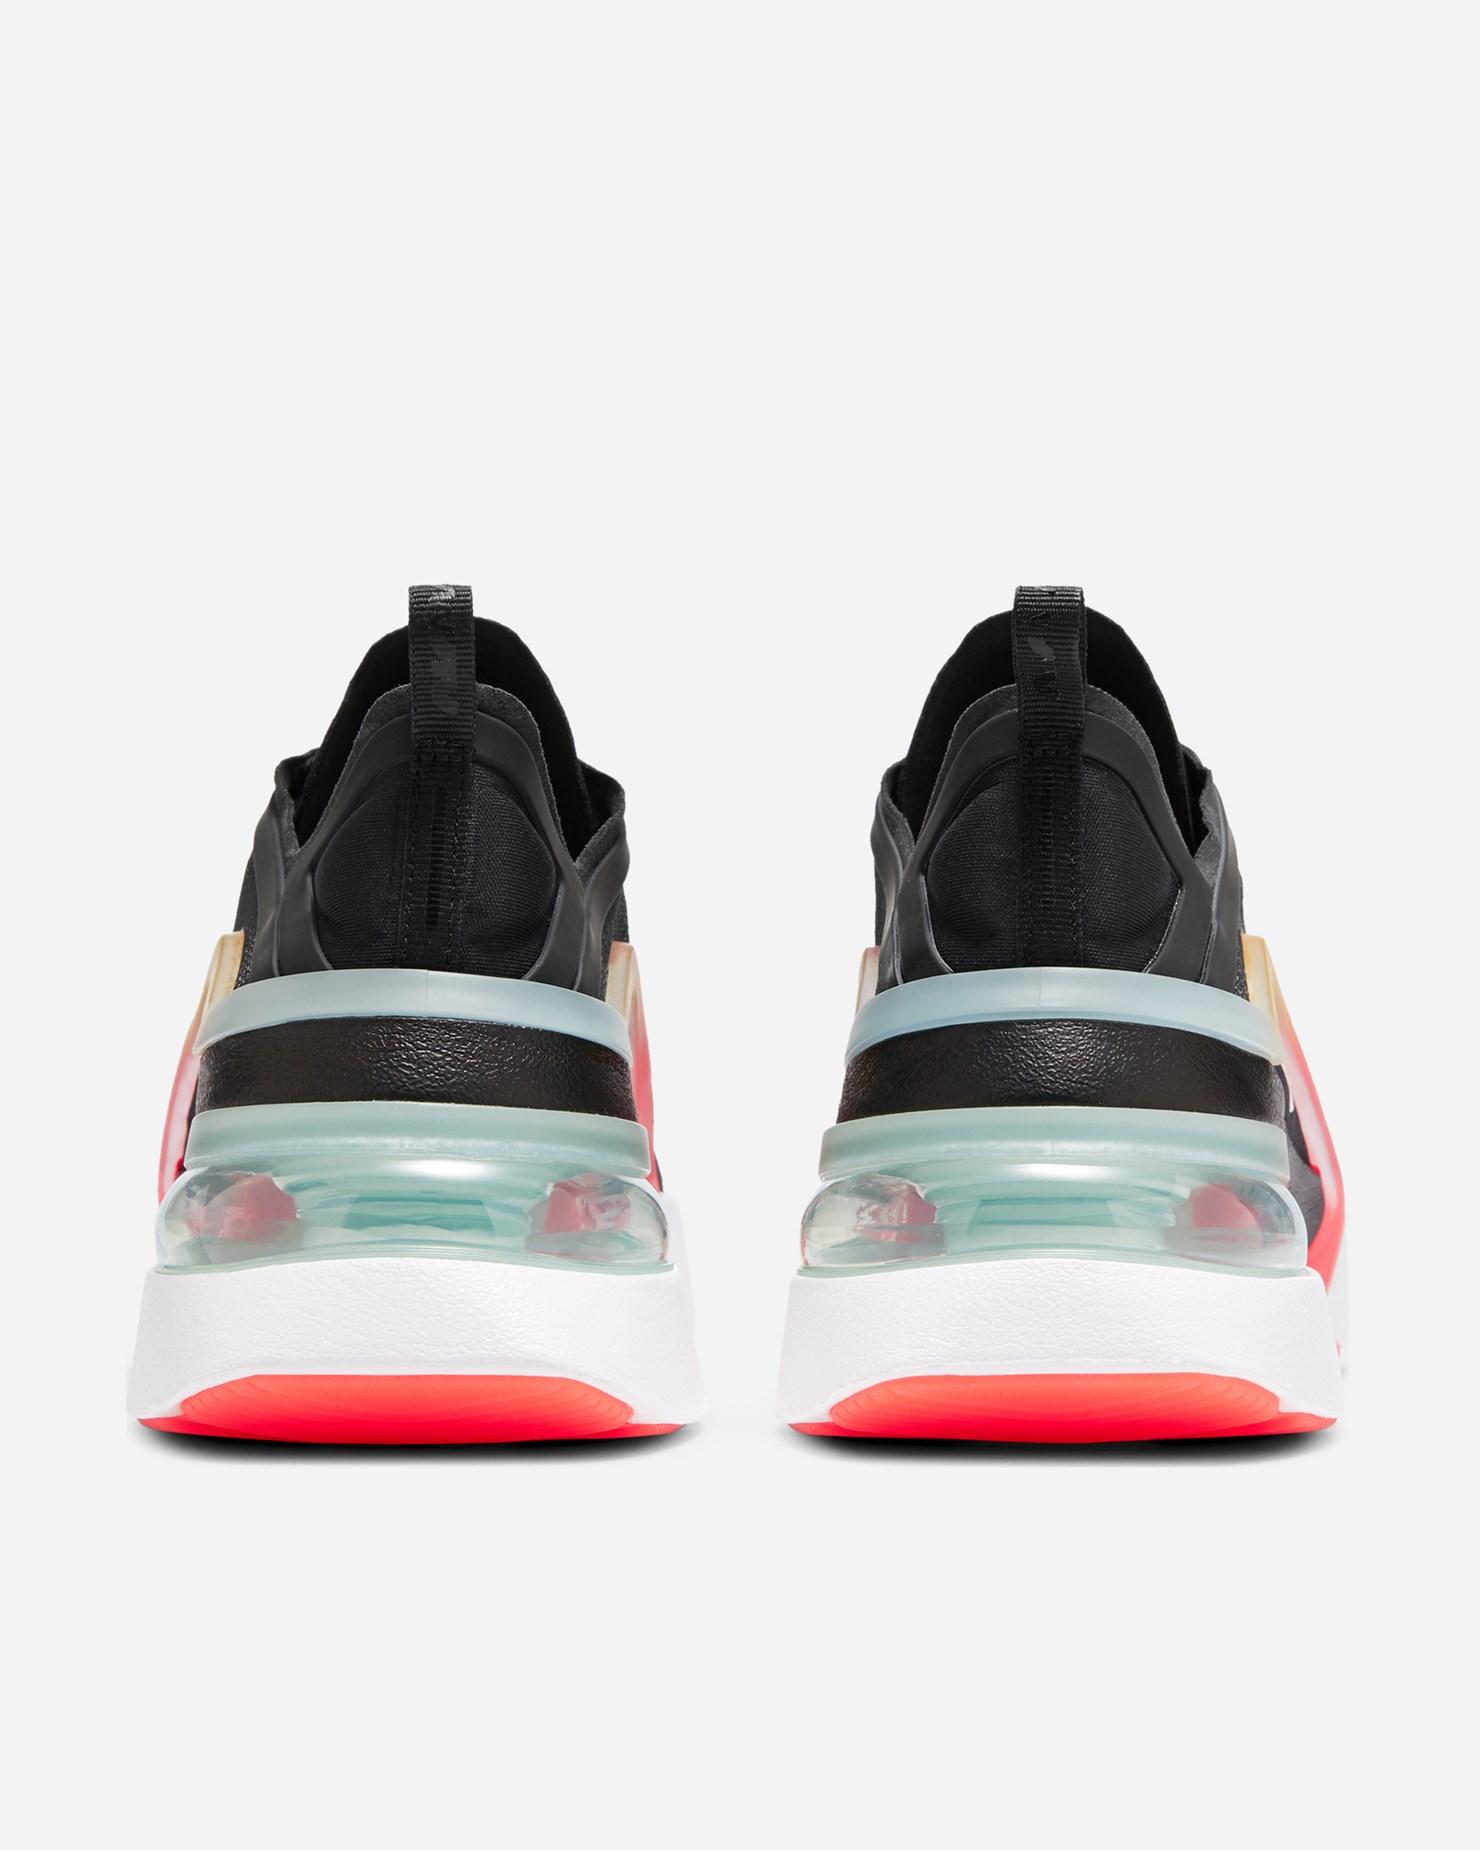 【Nike Air Max 270 XX Bright Crimson】ナイキ エア マックス 270 XX